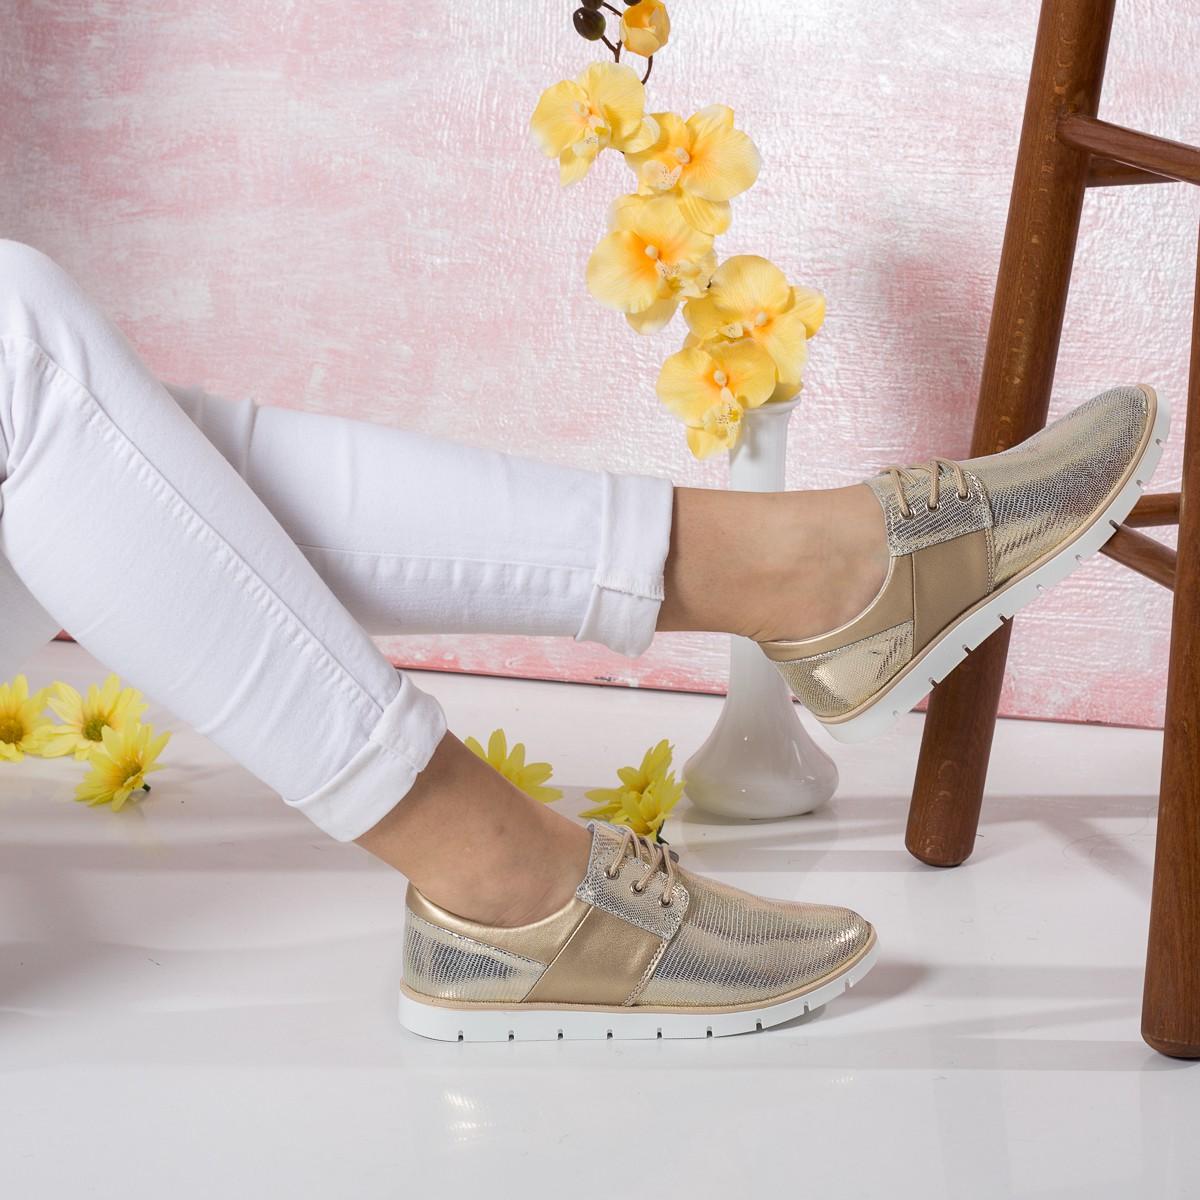 pantofi-dama-piele-sinit-aurii-casual-min